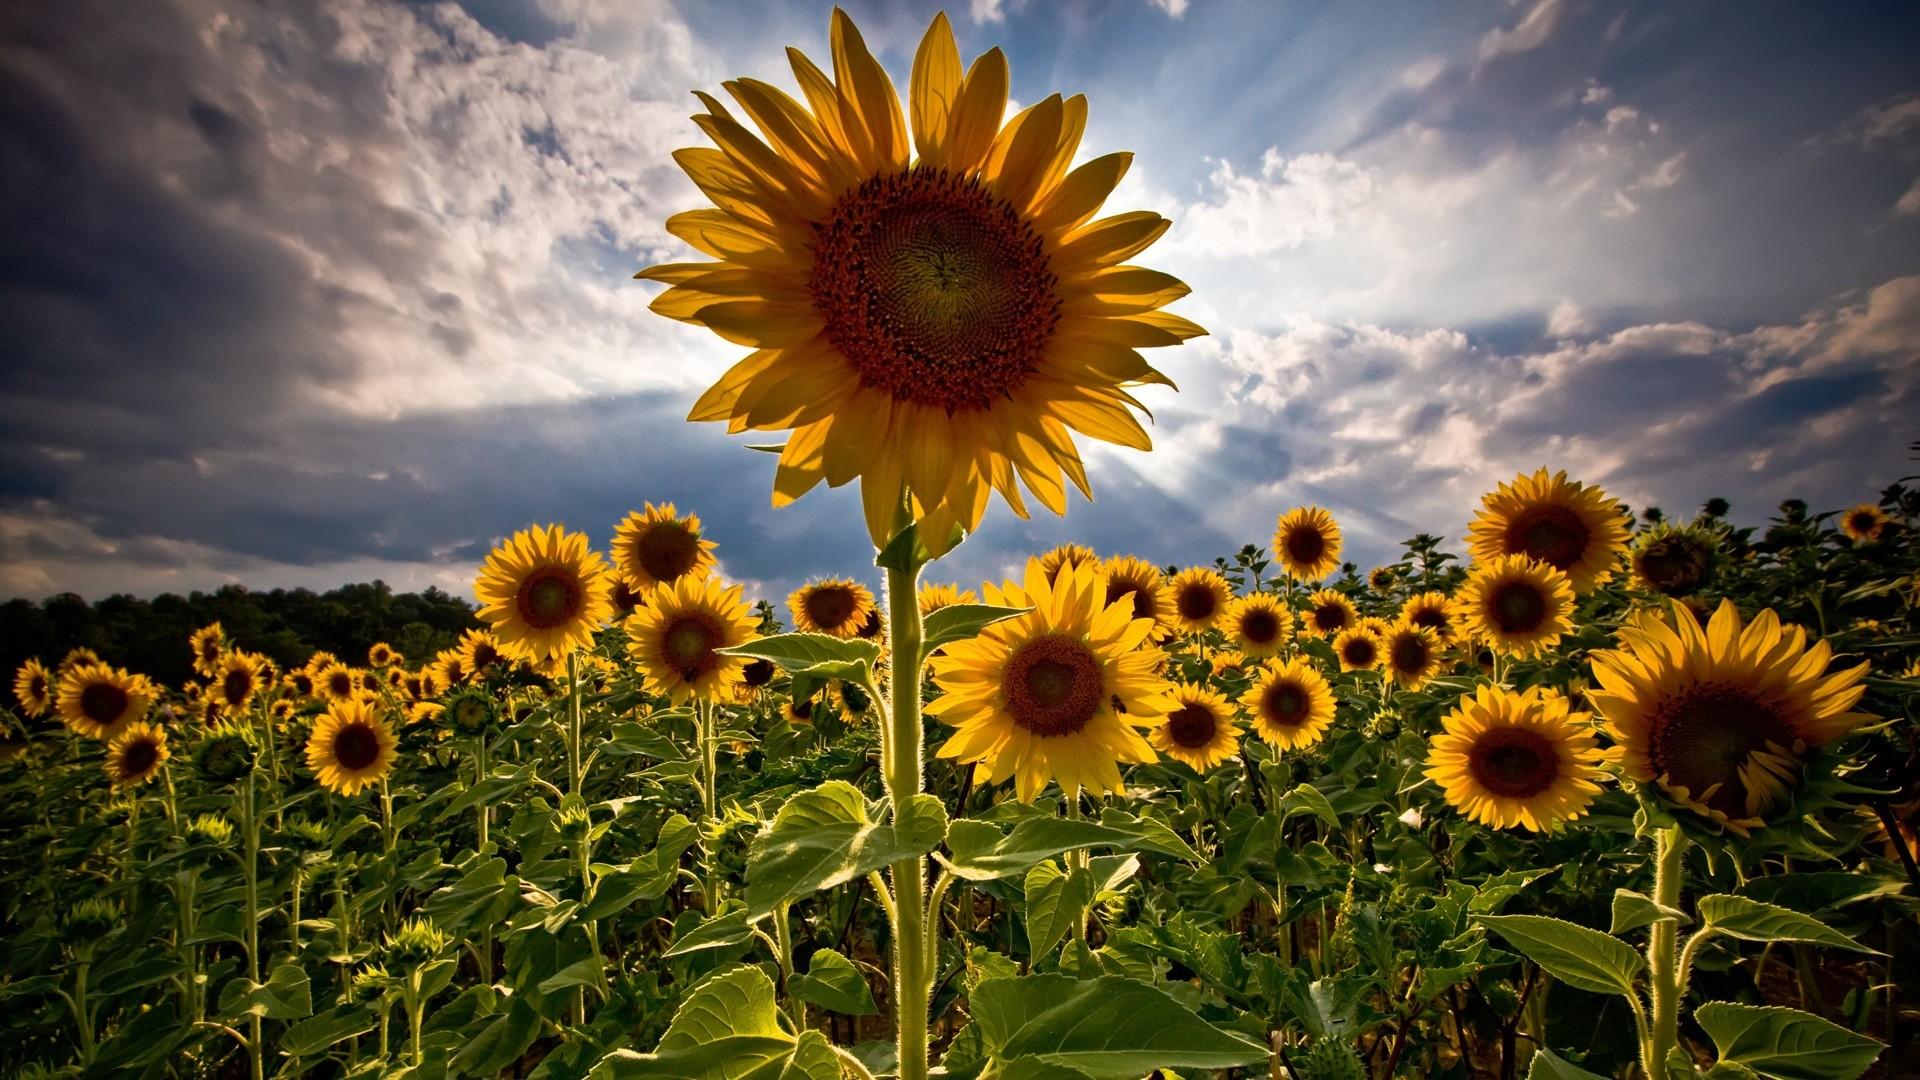 sunflowers-nature